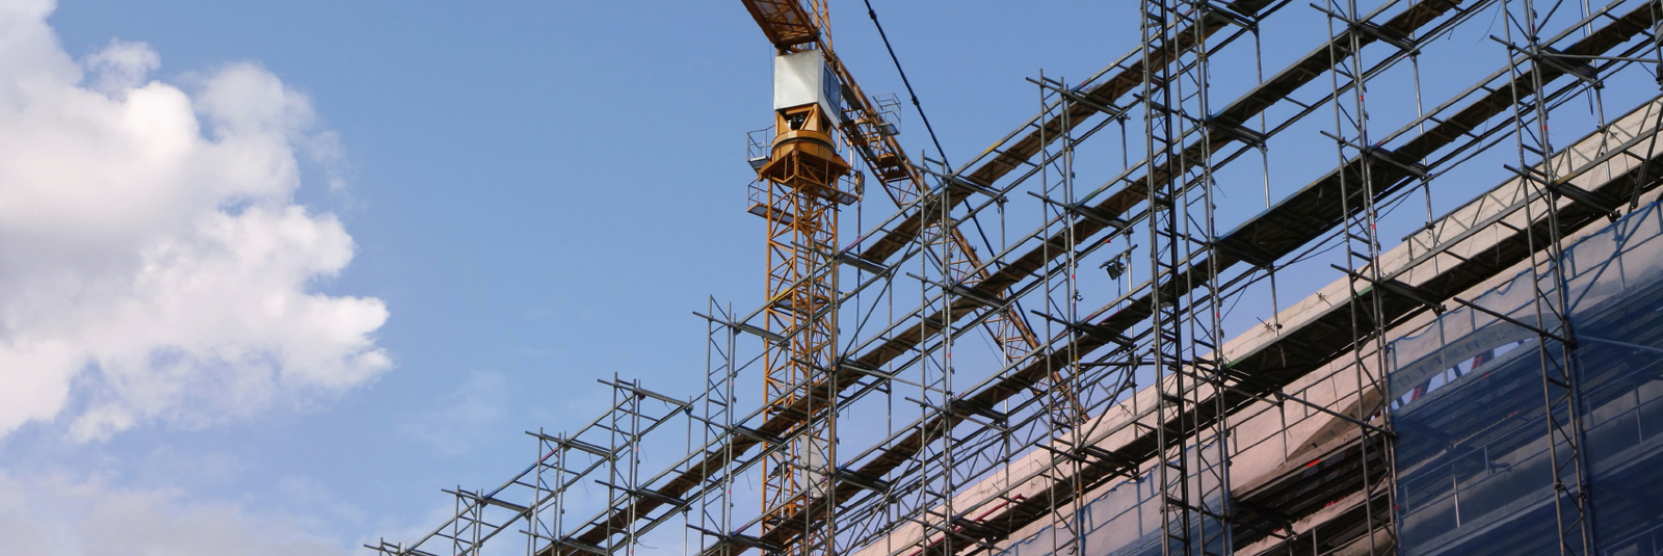 Kran auf einer Großbaustelle der Aridbau Bauunternehmung GmbH in München